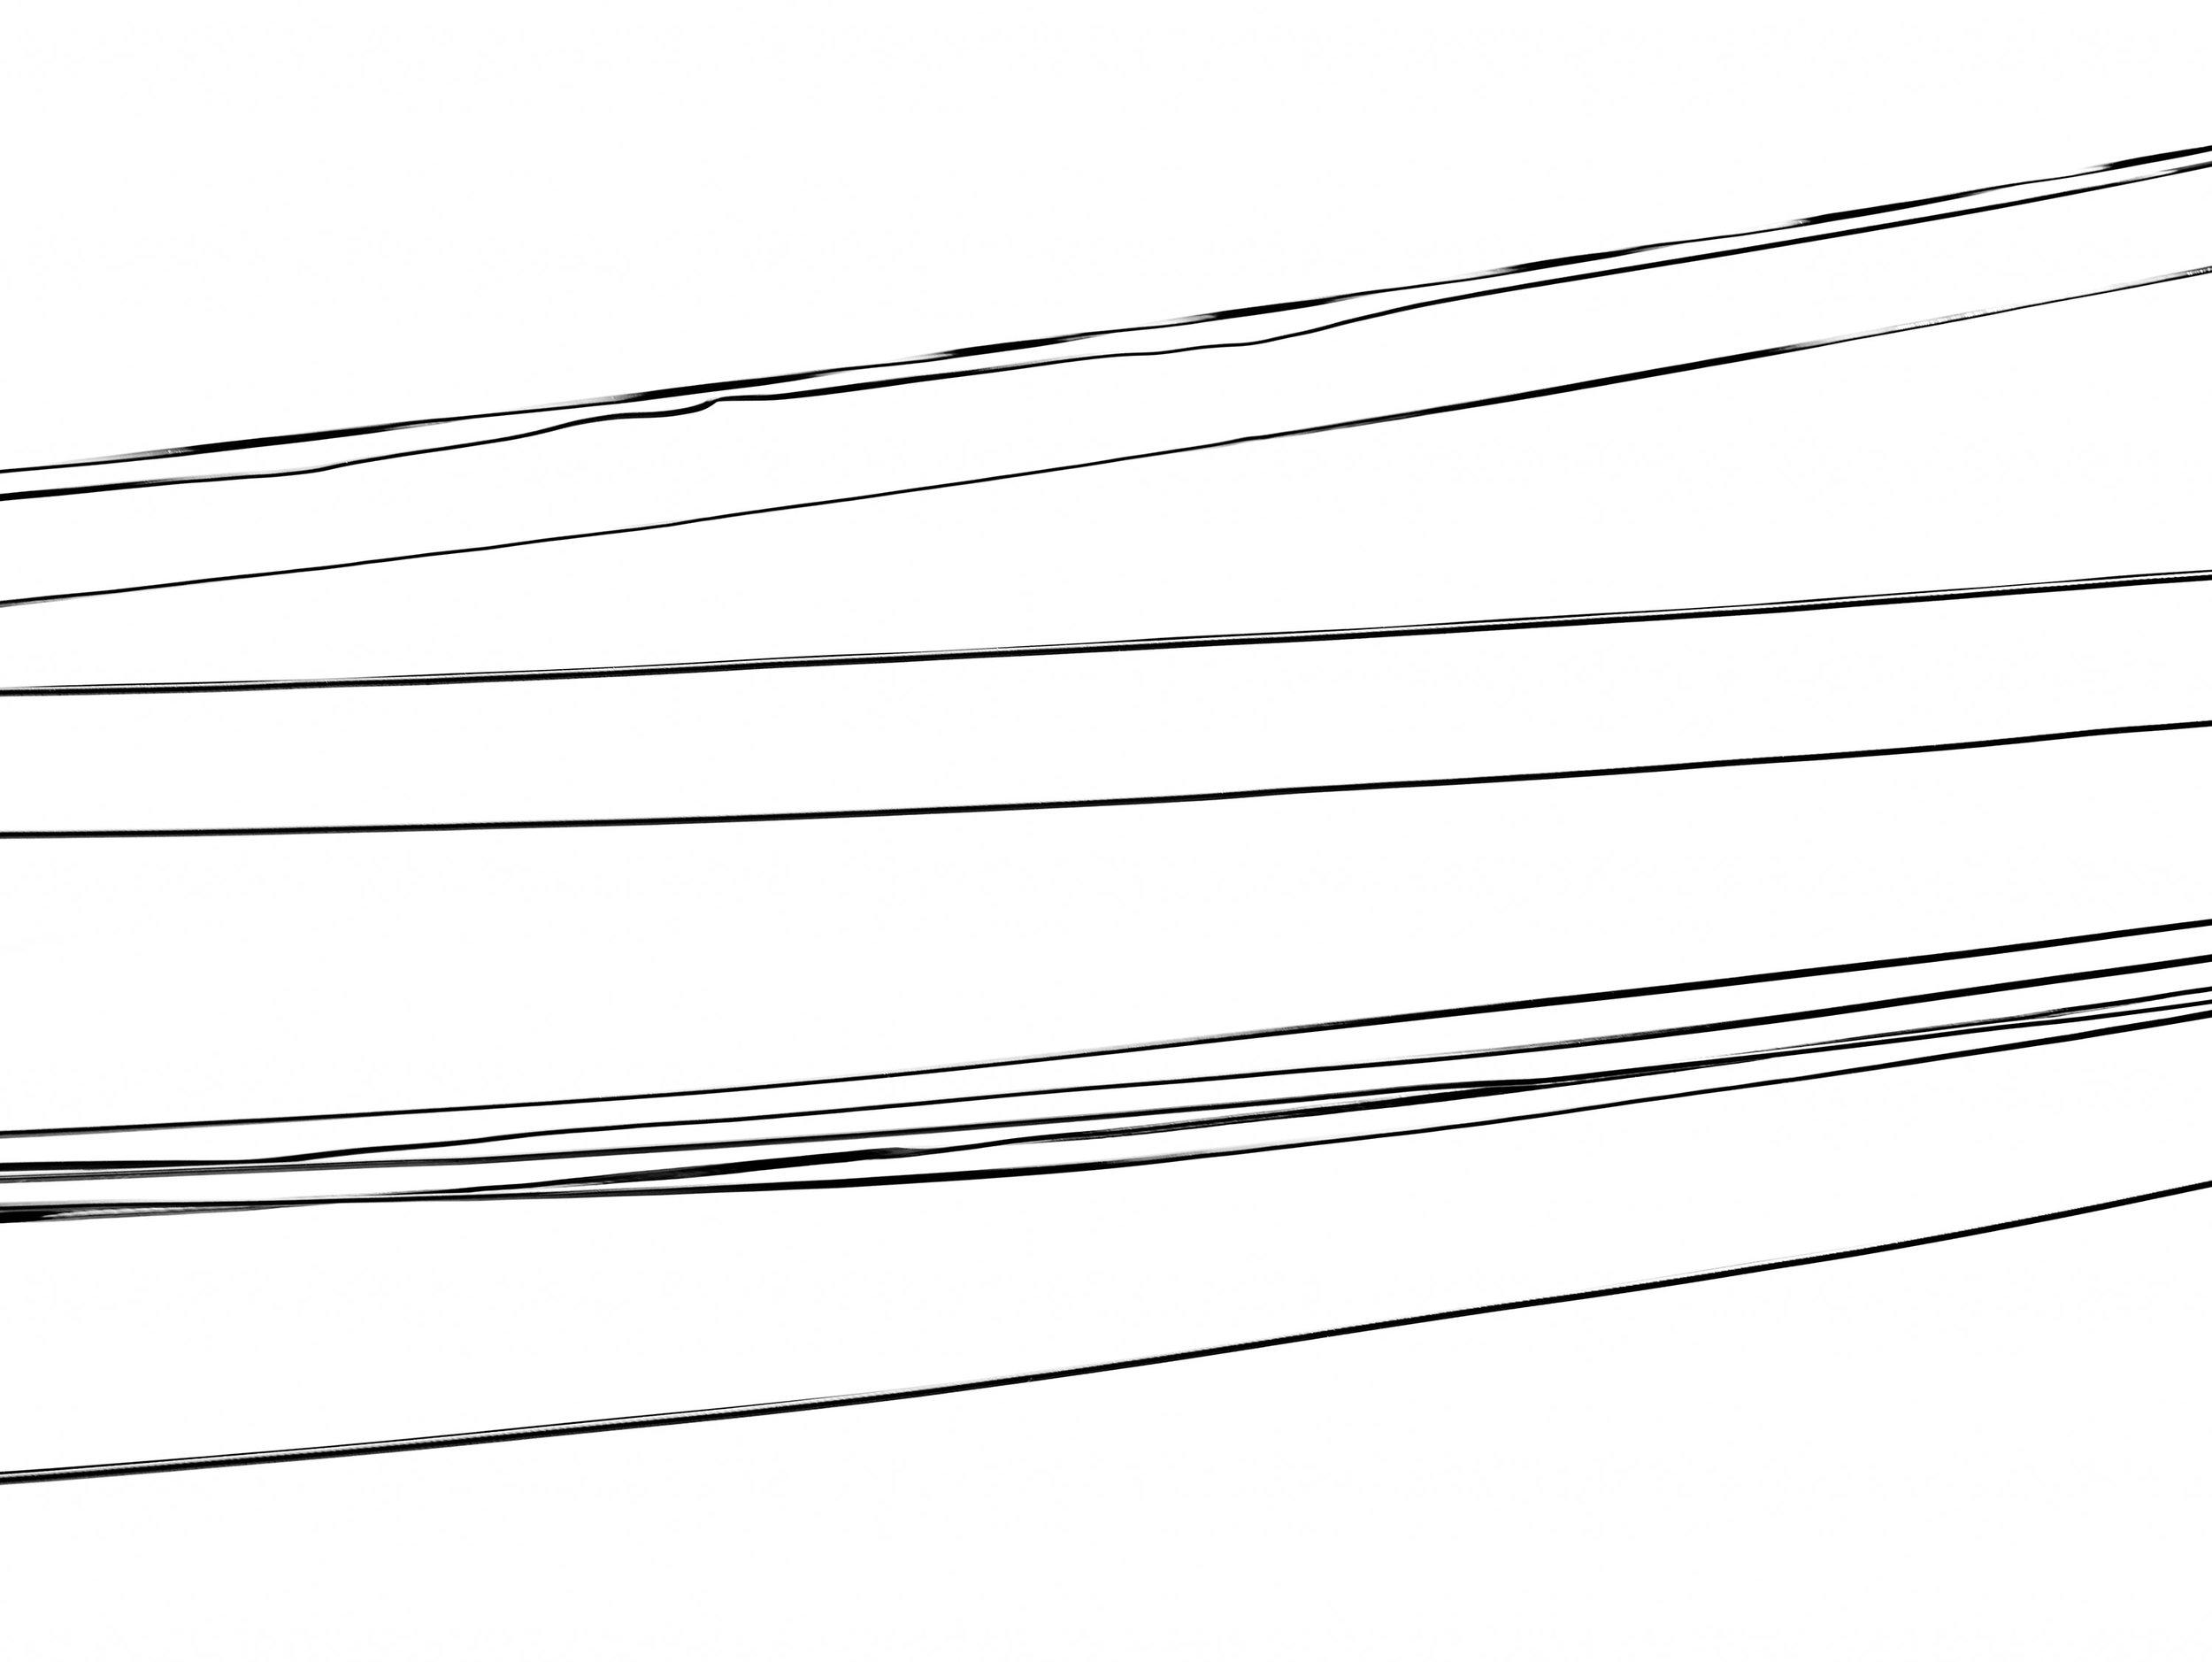 lines-012.jpg